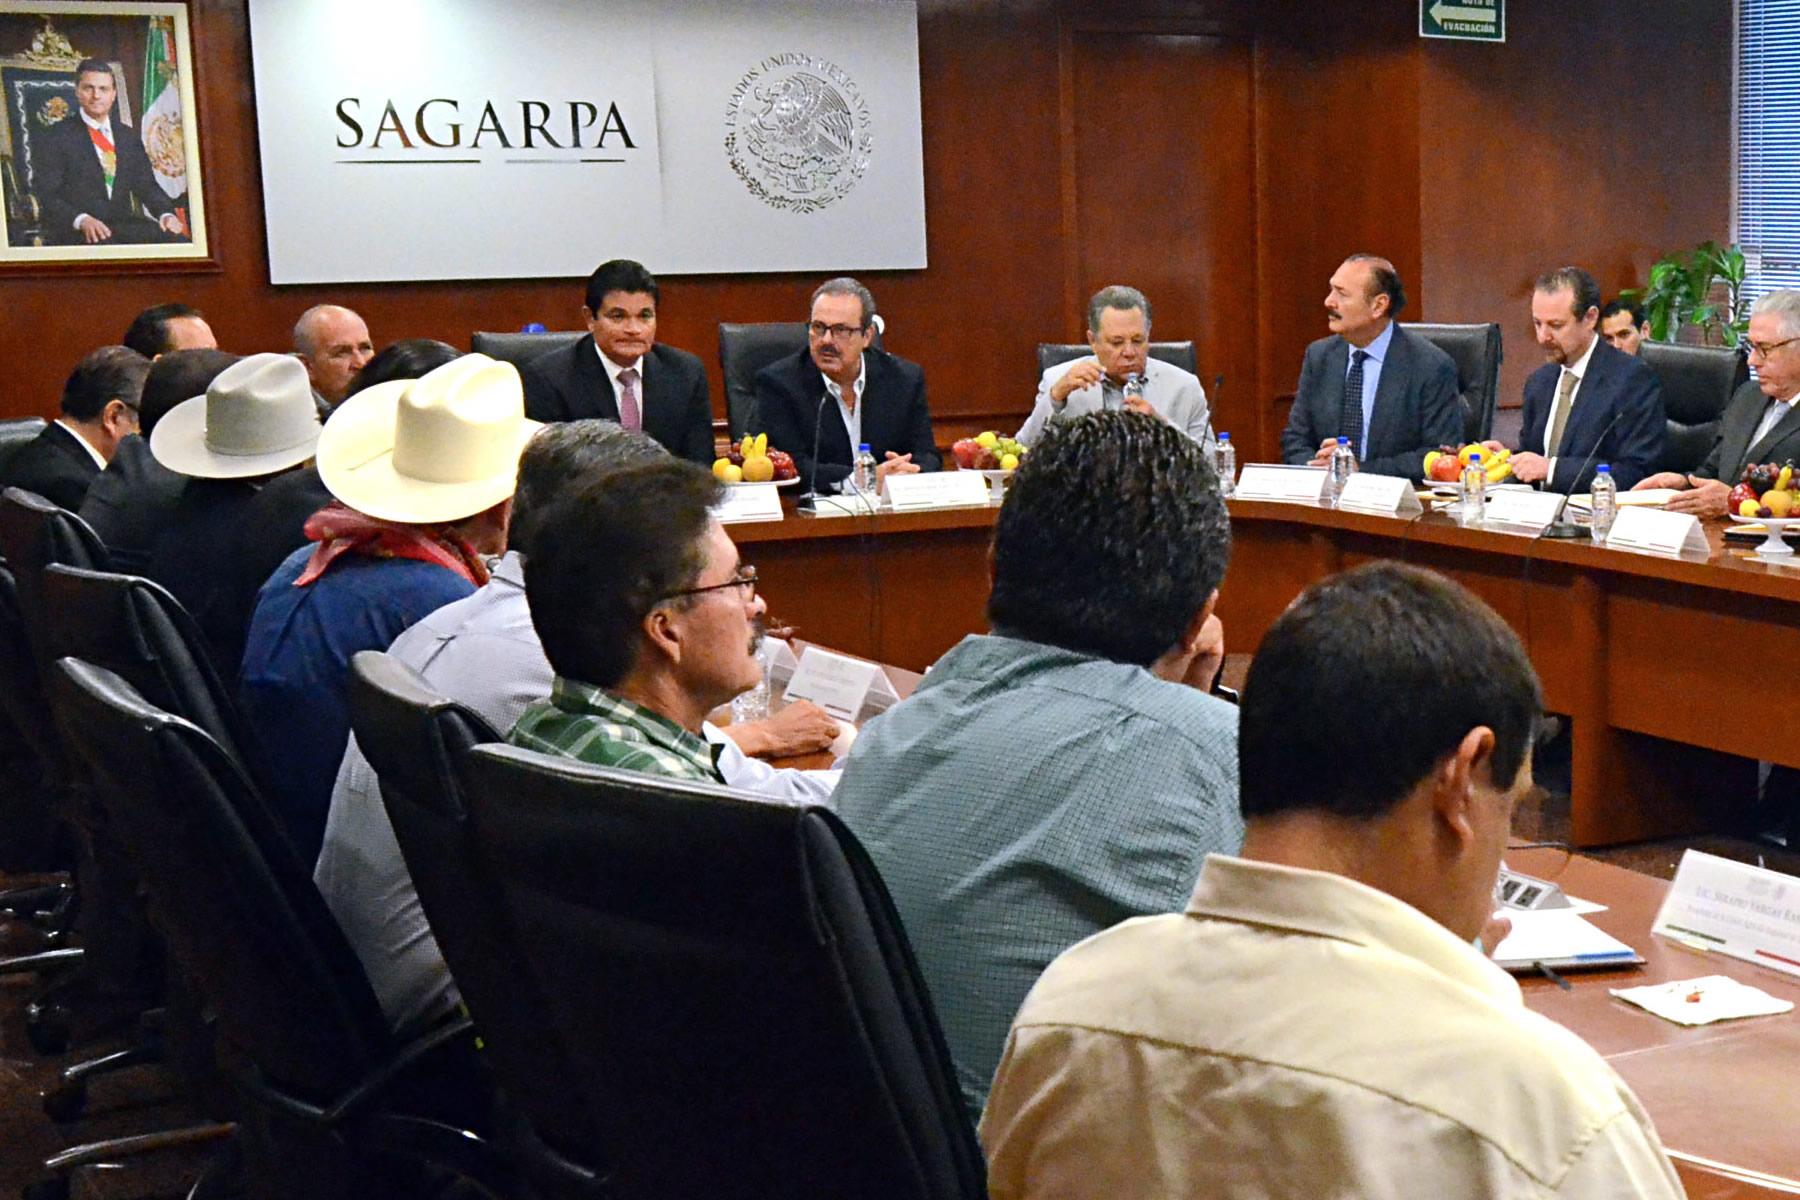 Continúan reuniones de trabajo en la búsqueda de mayor certidumbre a la comercialización de maíz.